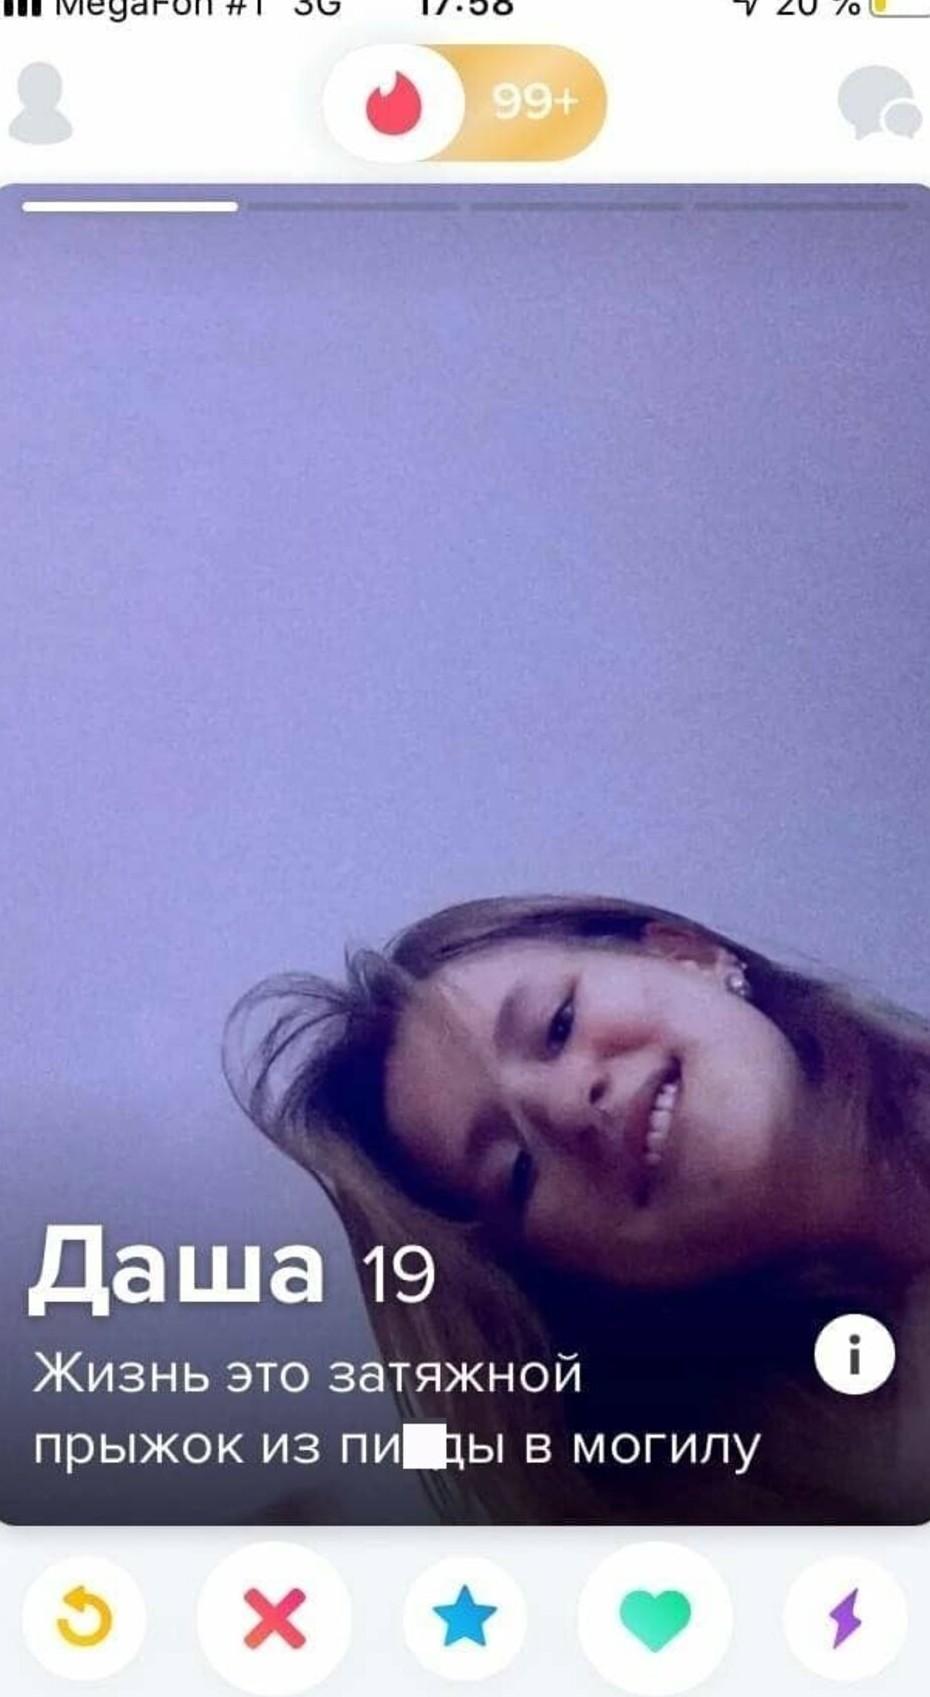 Прикольное с сайтов знакомств (15 фото) - «Смешные картинки»